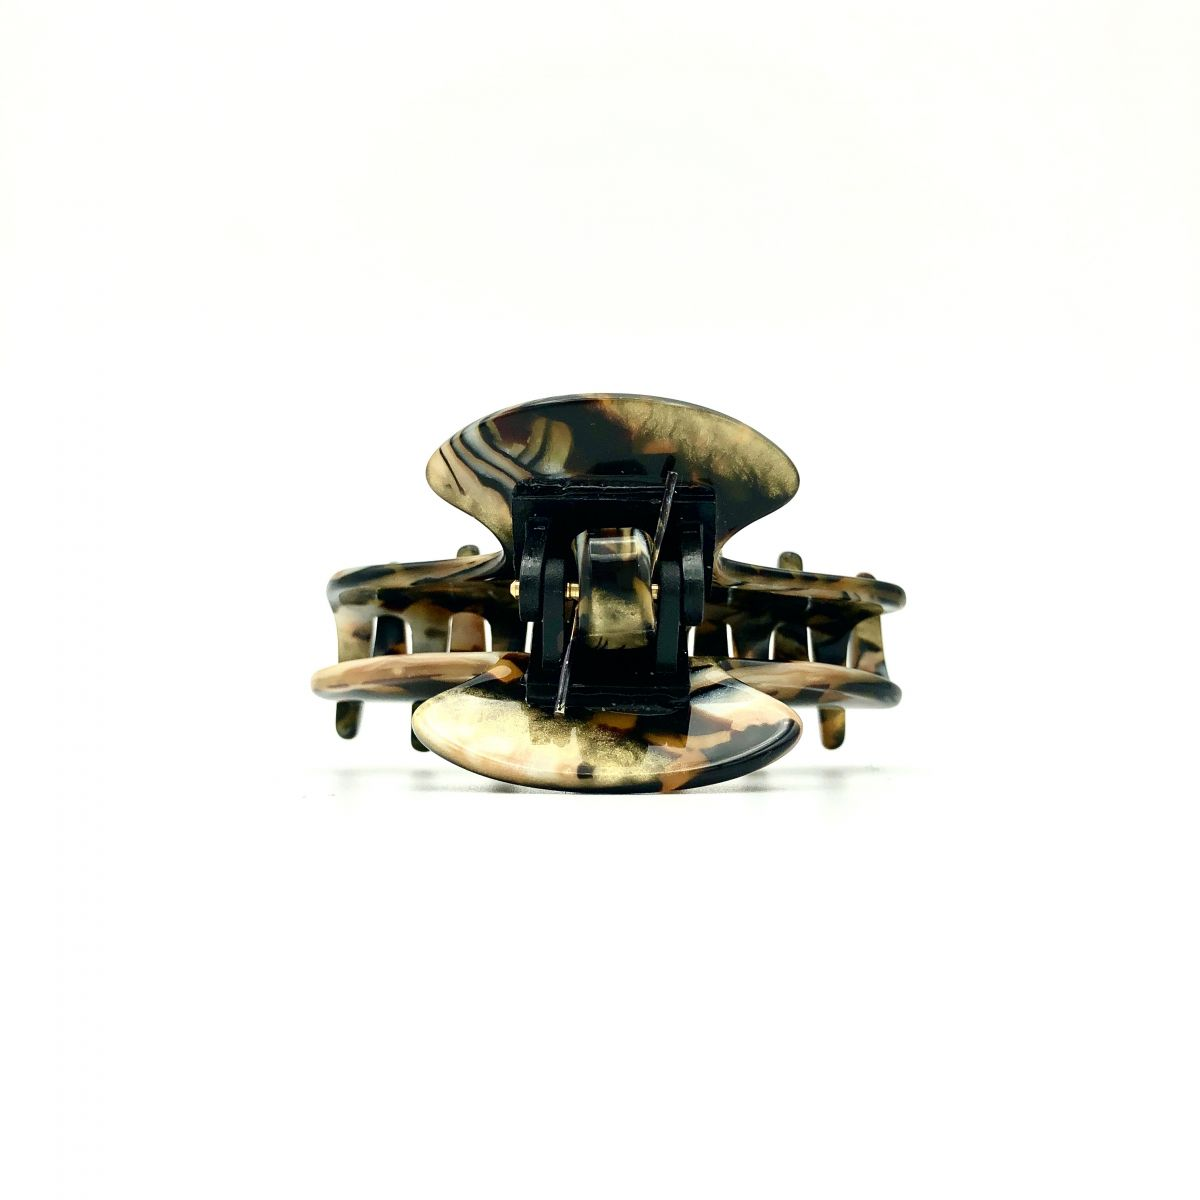 Haarklammer gold/schwarz -klein - 6,5 cm